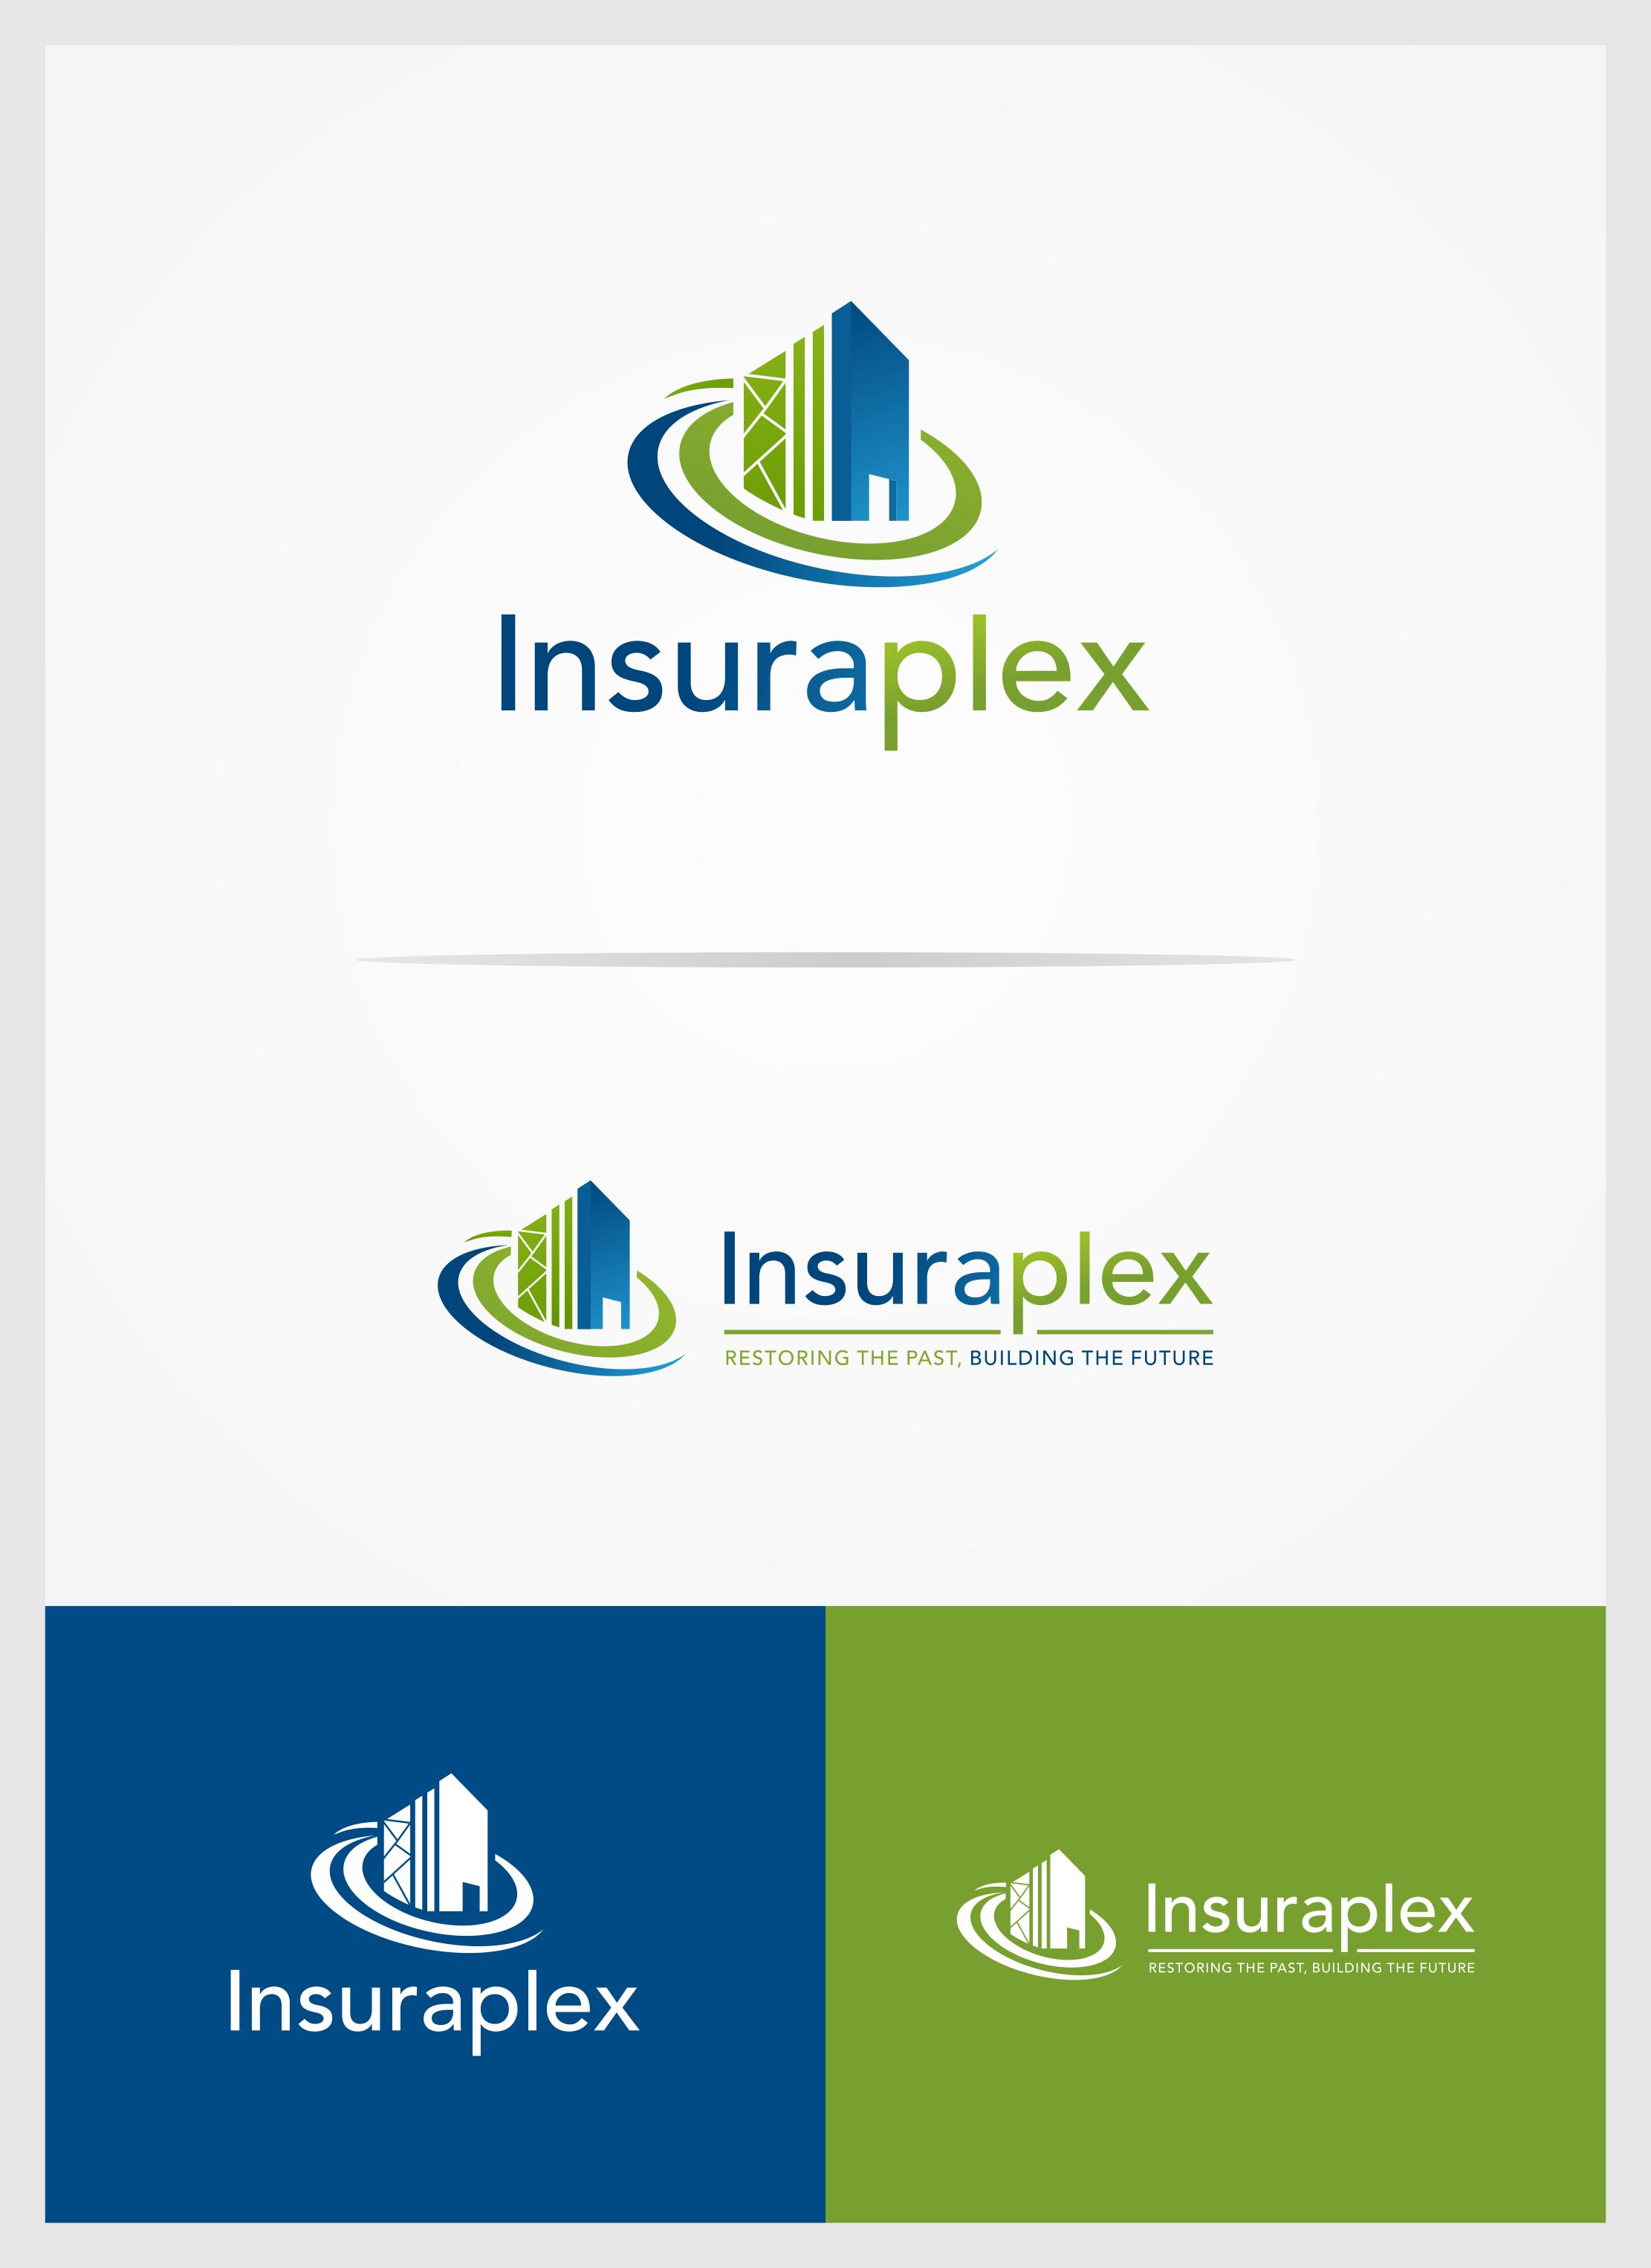 INSURAPLEX needs a POWERFUL logo